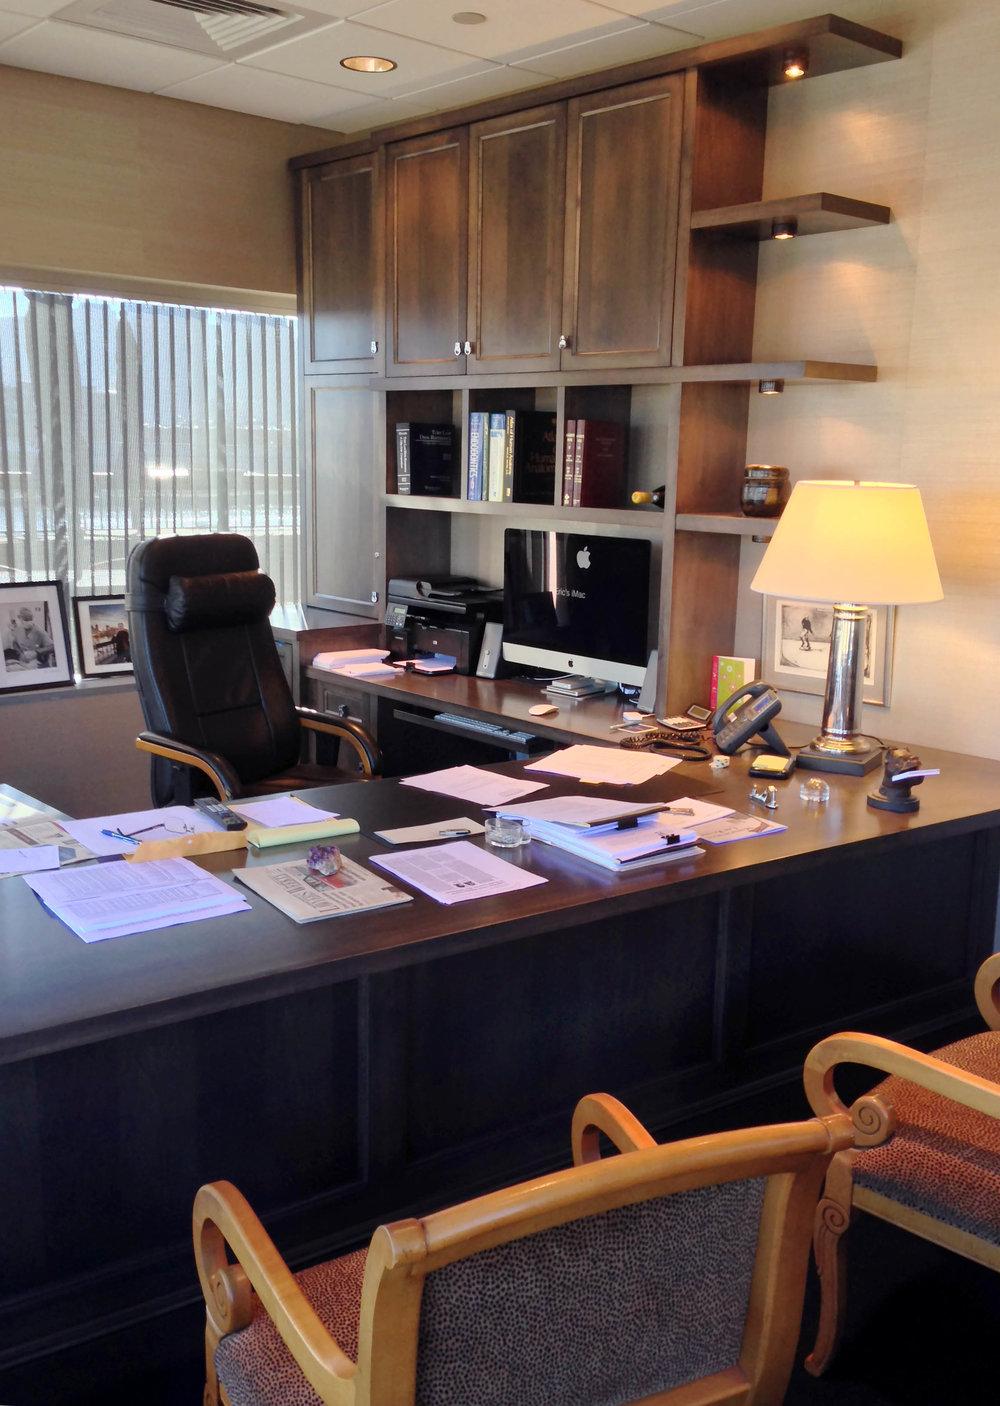 Honore-Cabinetry-custom-built-in-office-desk-bookcase-shelves-detail1.jpg